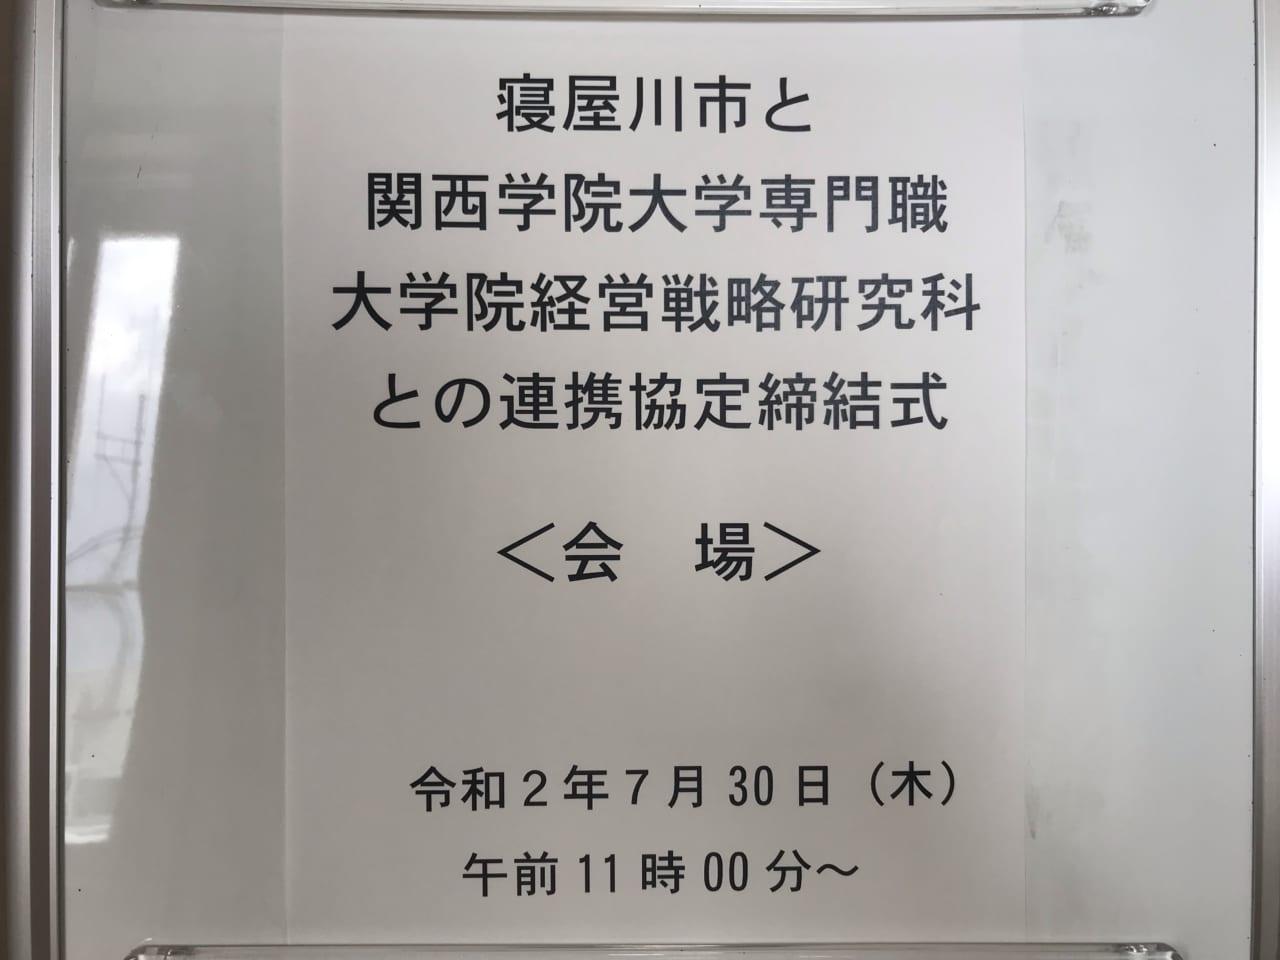 関西学院大